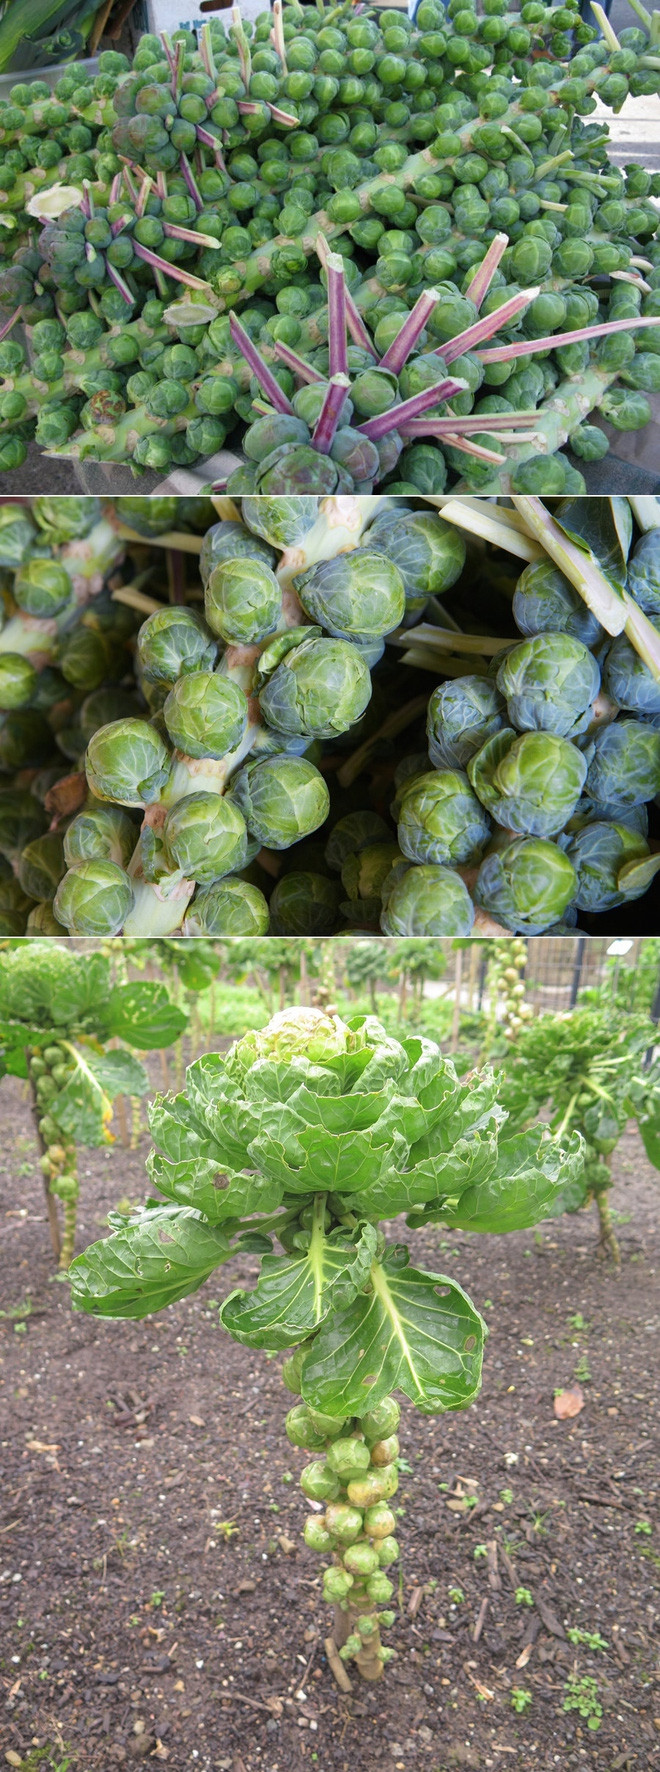 Thân cây bắp cải bruxen có hình dáng kỳ lạ như thế này.